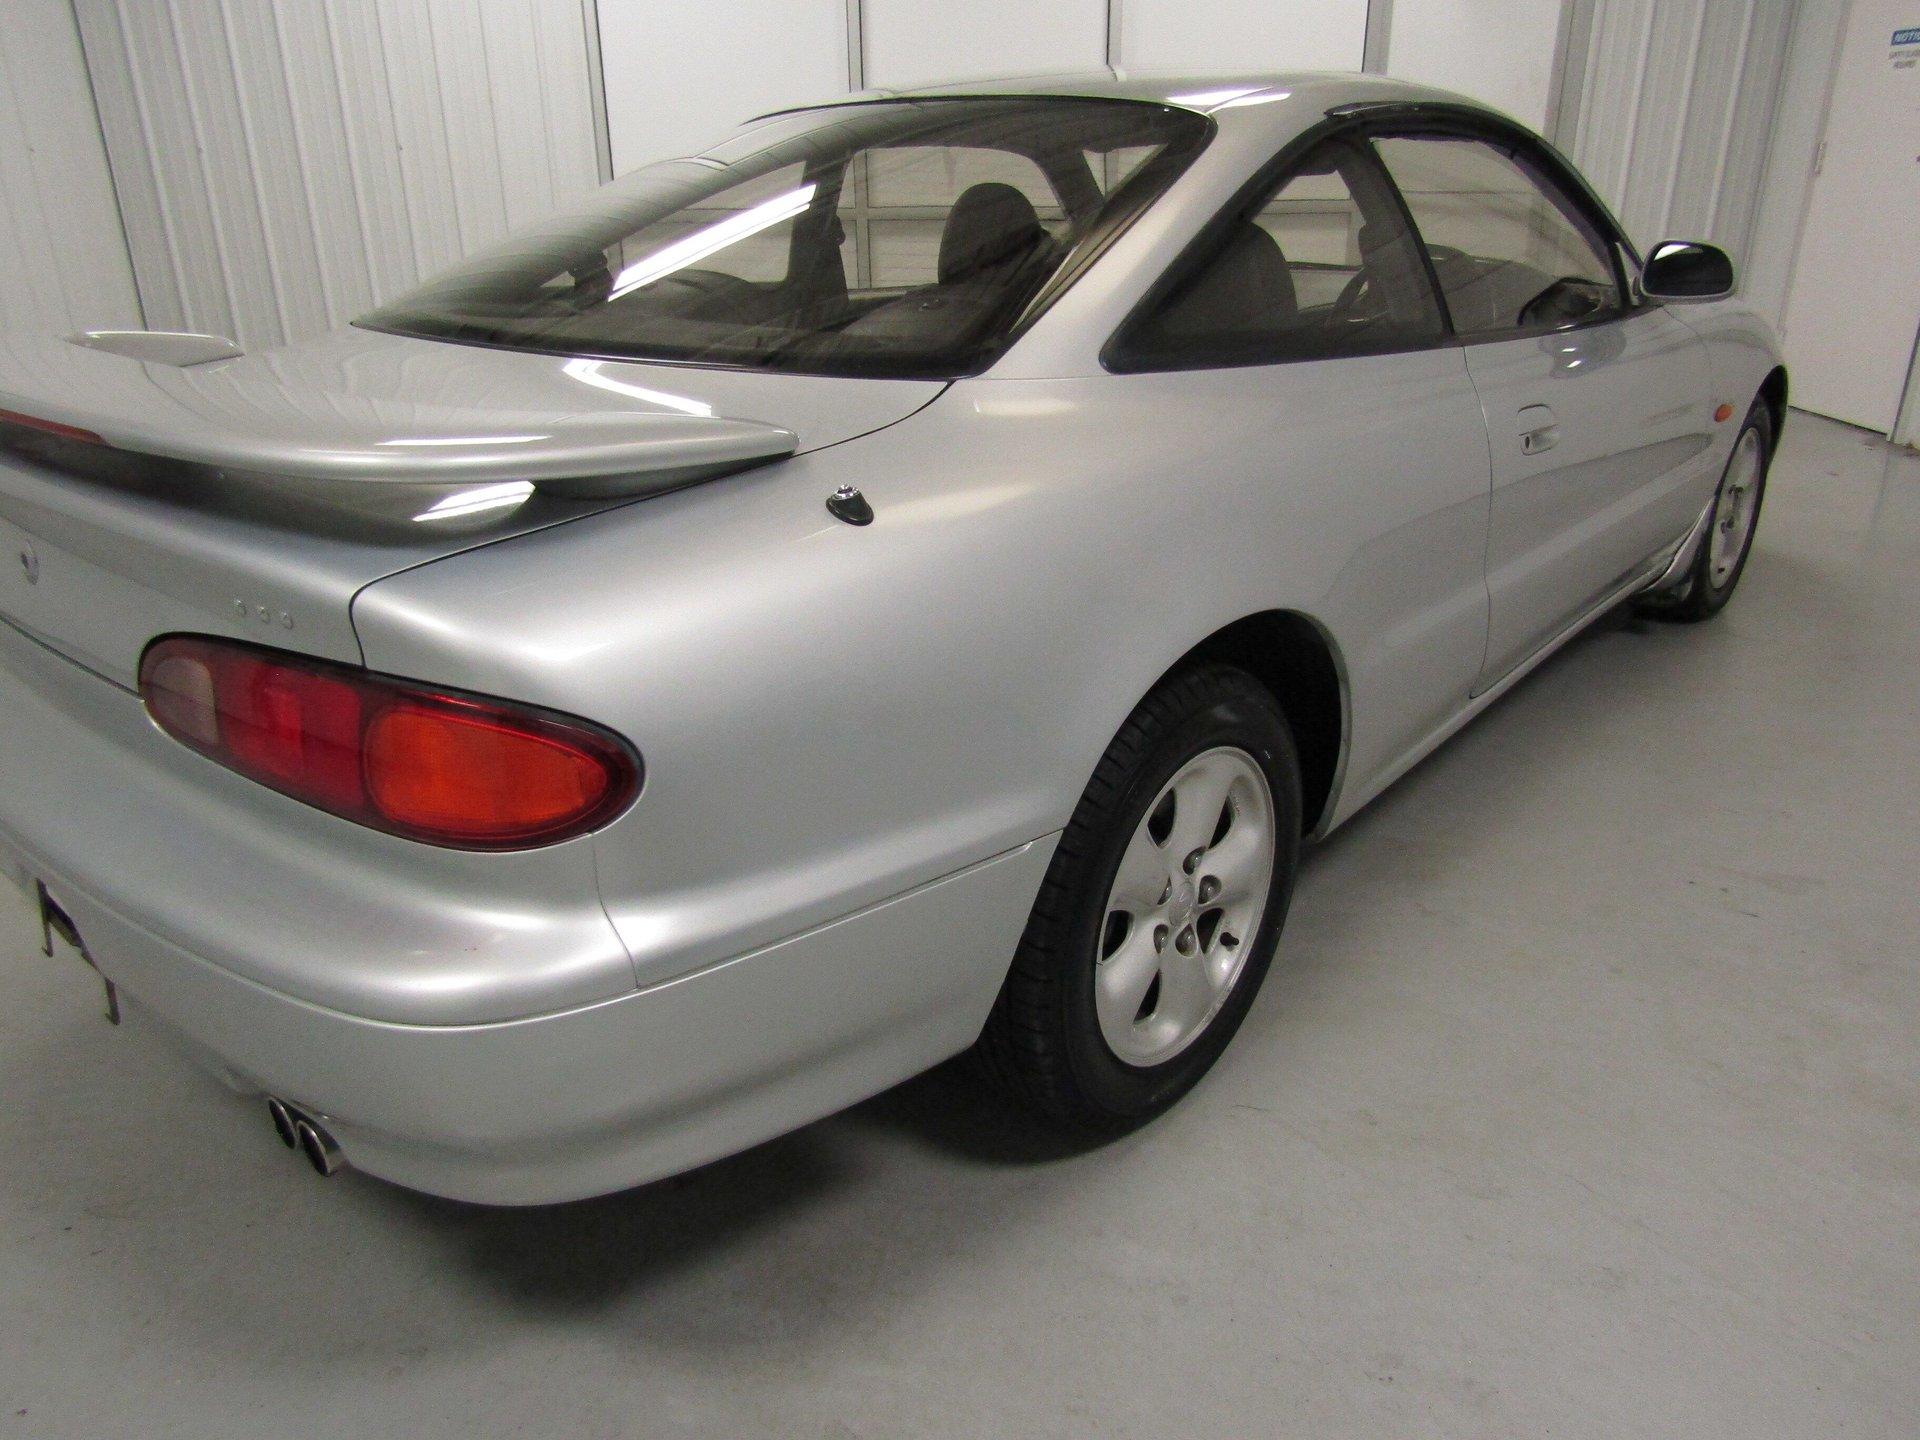 1993 Mazda MX-6